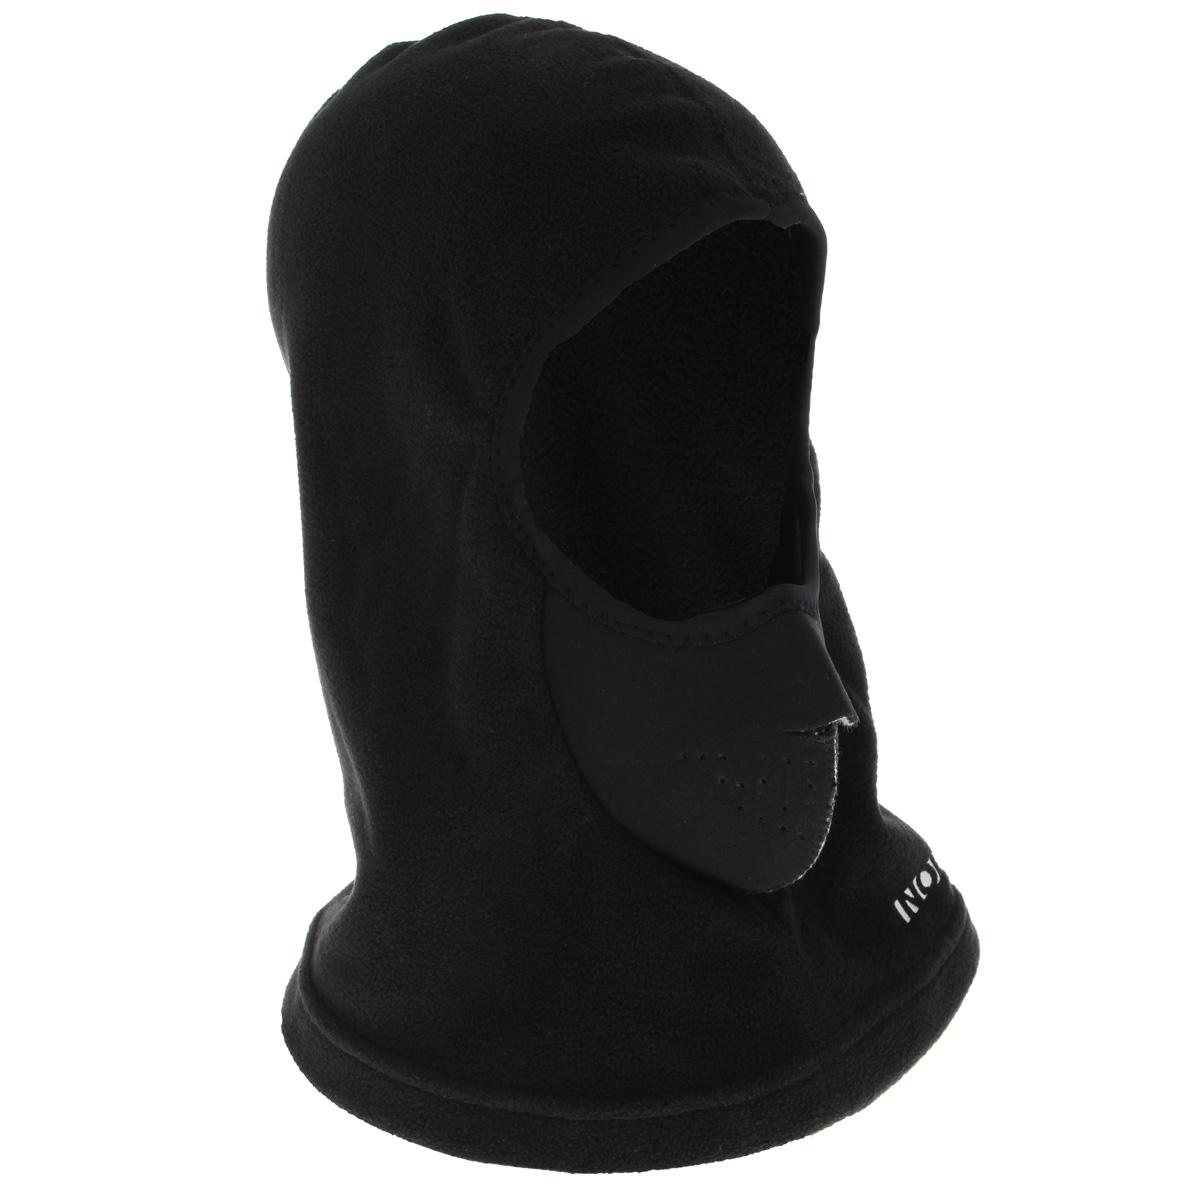 Шапка303320Шапка-маска мужская Norfin идеально подойдет для активного отдыха холодной зимой. Изготовлена модель из теплого мягкого флиса, обеспечивающего комфорт, ветронепродуваемость и отведение лишней влаги. Шапка-маска плотно облегает всю голову и оставляет открытой одну линию глаз.